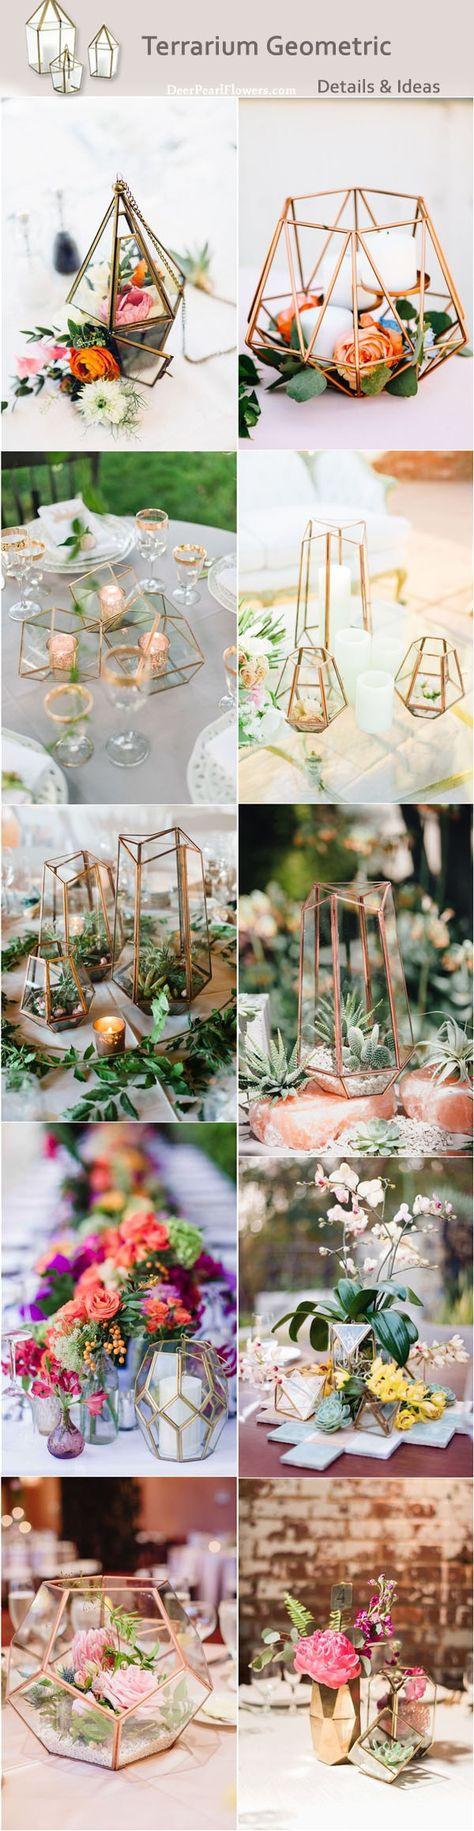 100+ VT wedding ideas | wedding, wedding decorations, wedding table